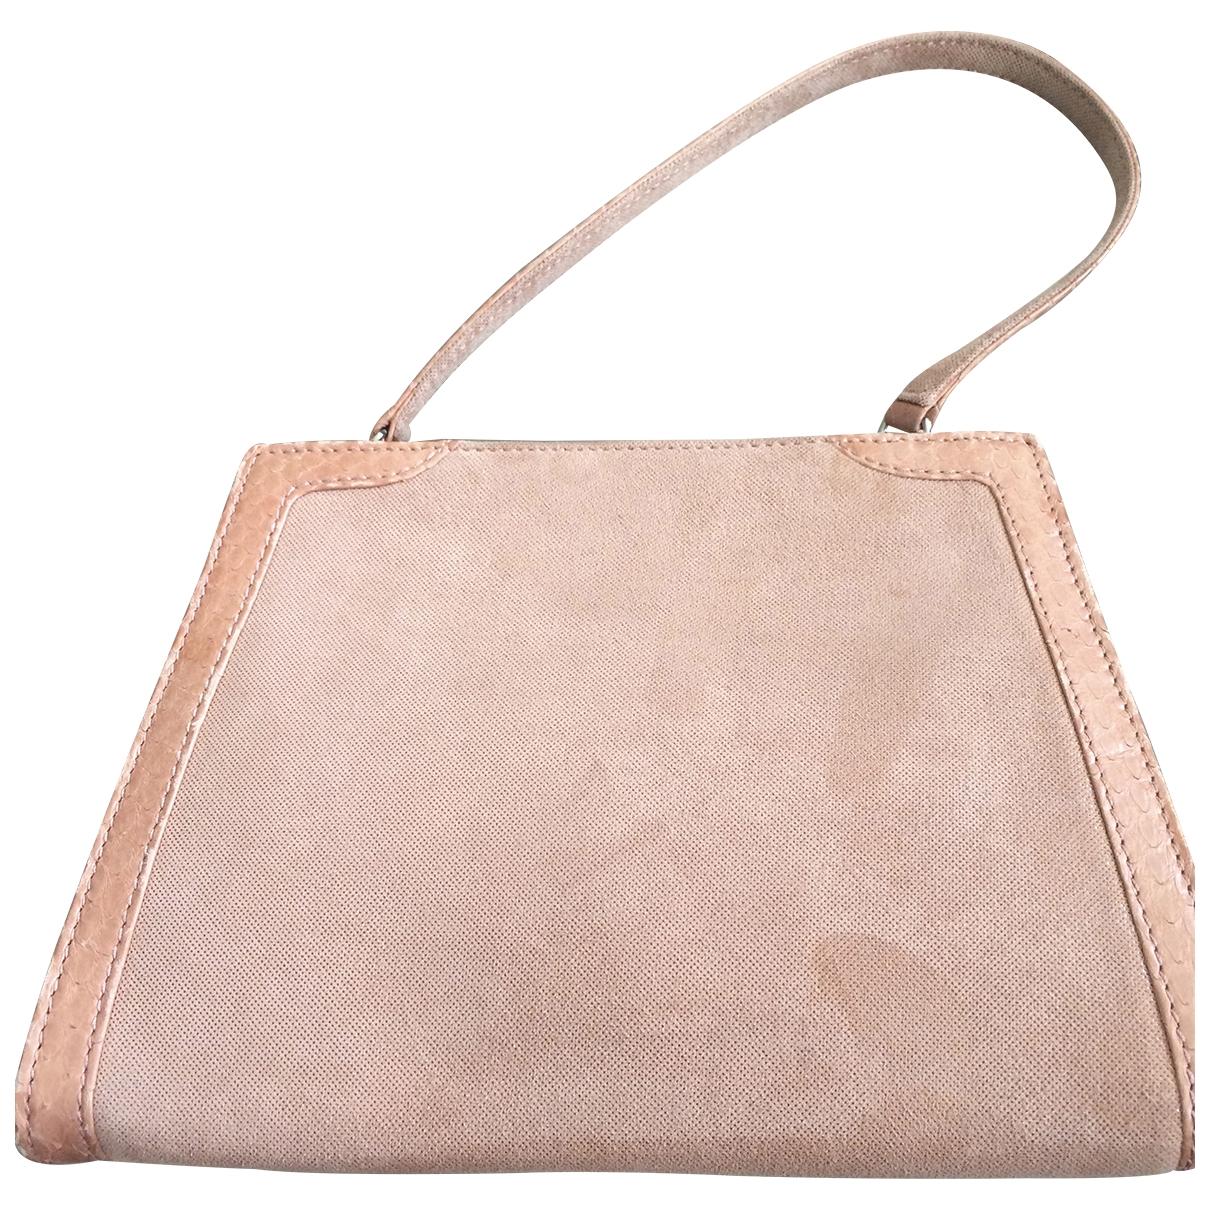 Loewe \N Pink Suede handbag for Women \N